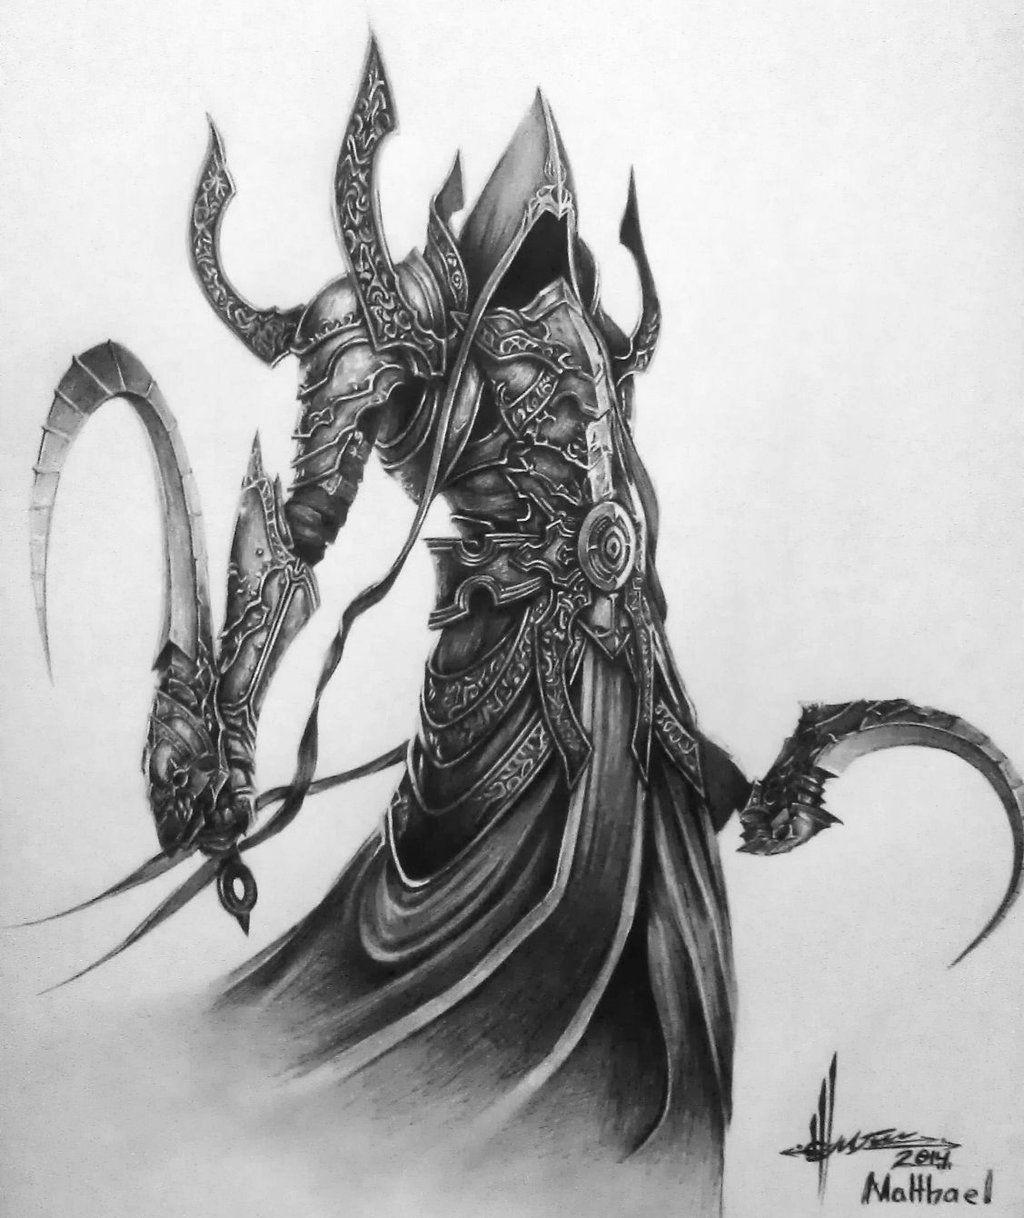 Malthael Diablo Iii Dark Fantasy Art Dark Art Illustrations Grim Reaper Art